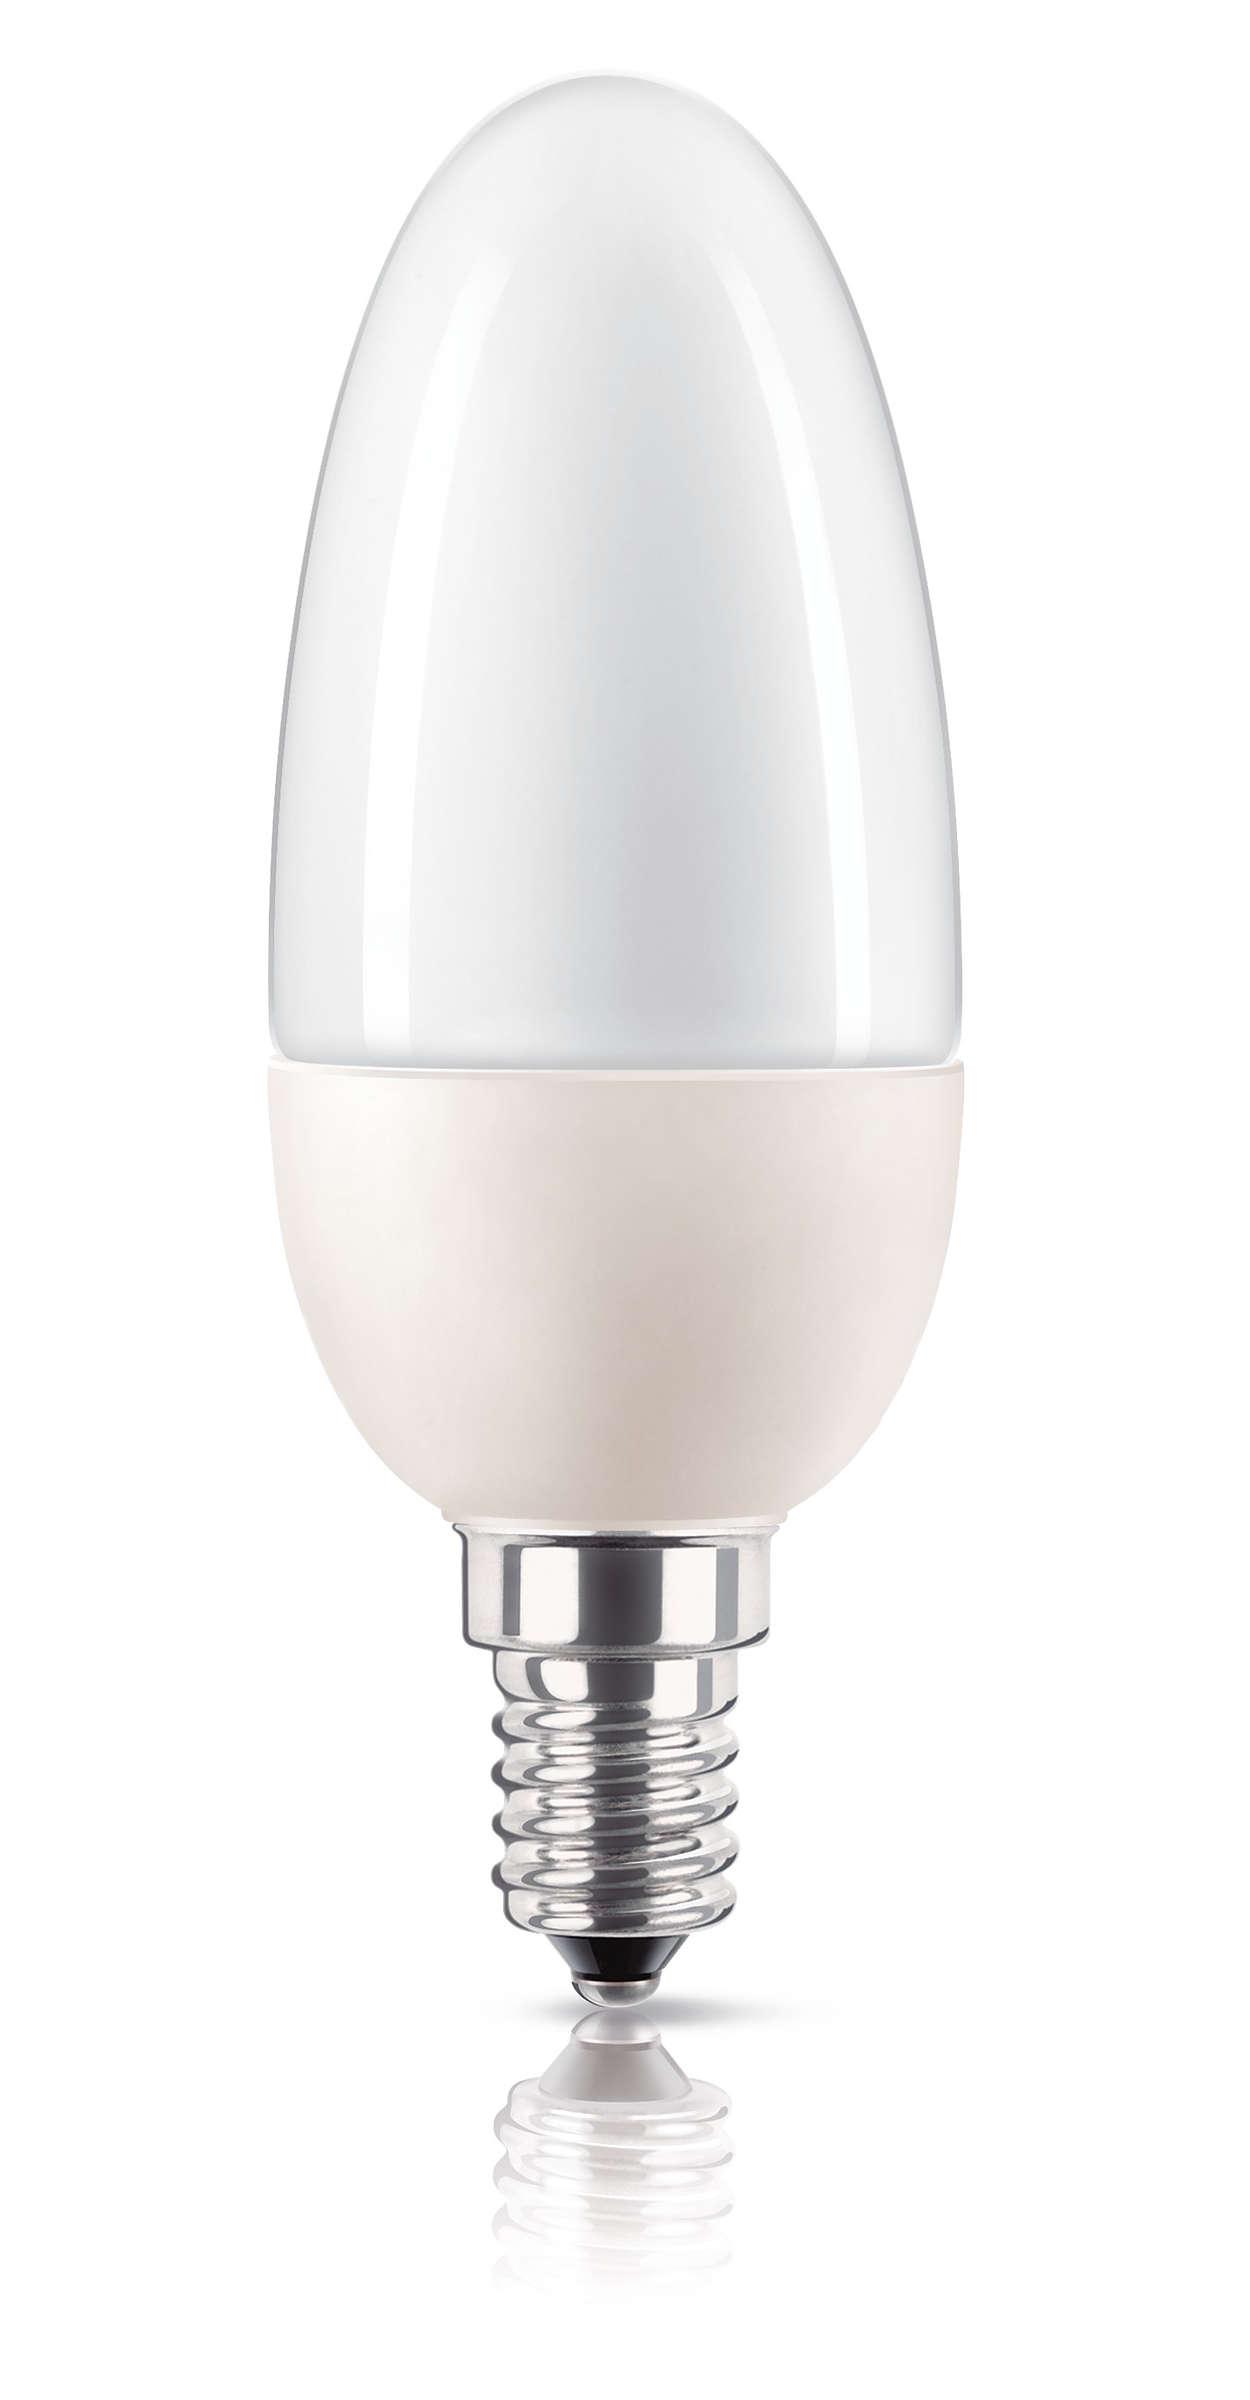 Blaga i nježna svjetlost koja štedi energiju